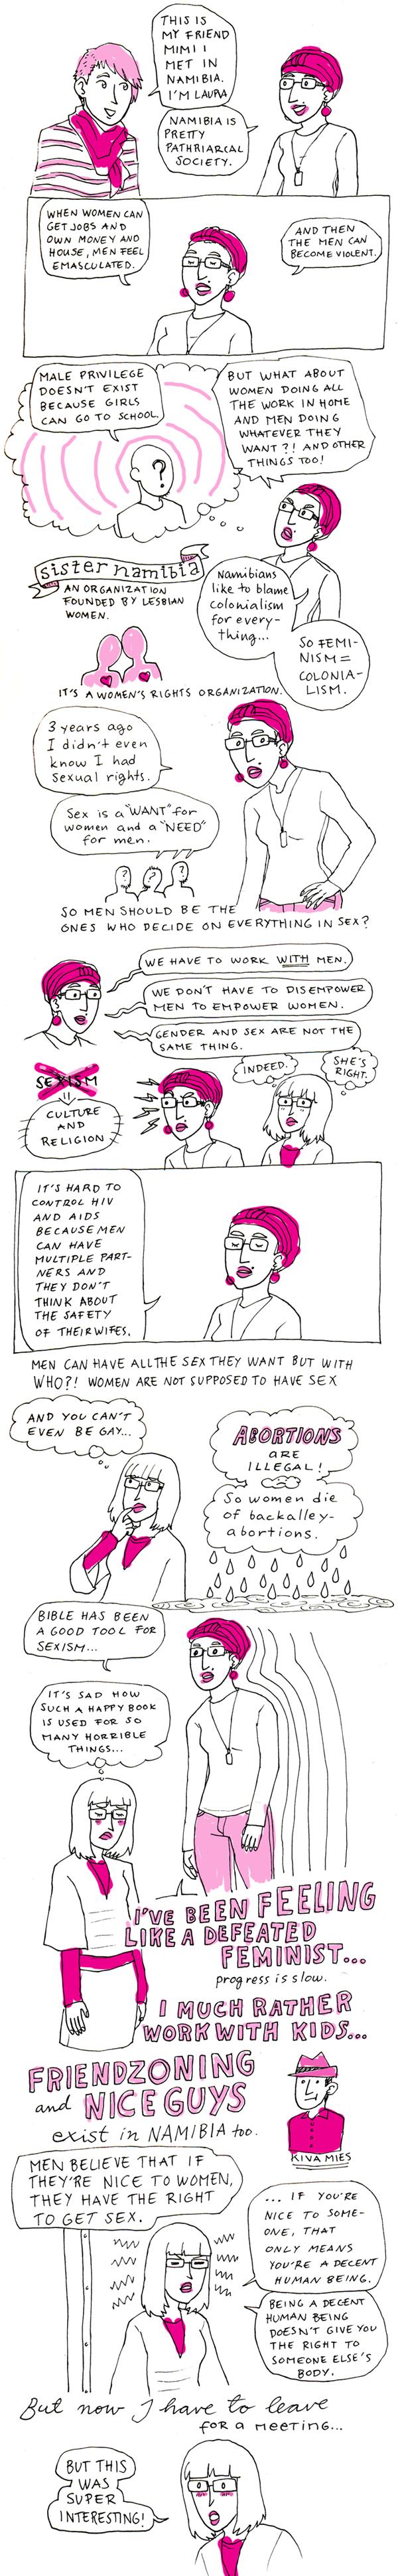 Feminismiä Namibiassa